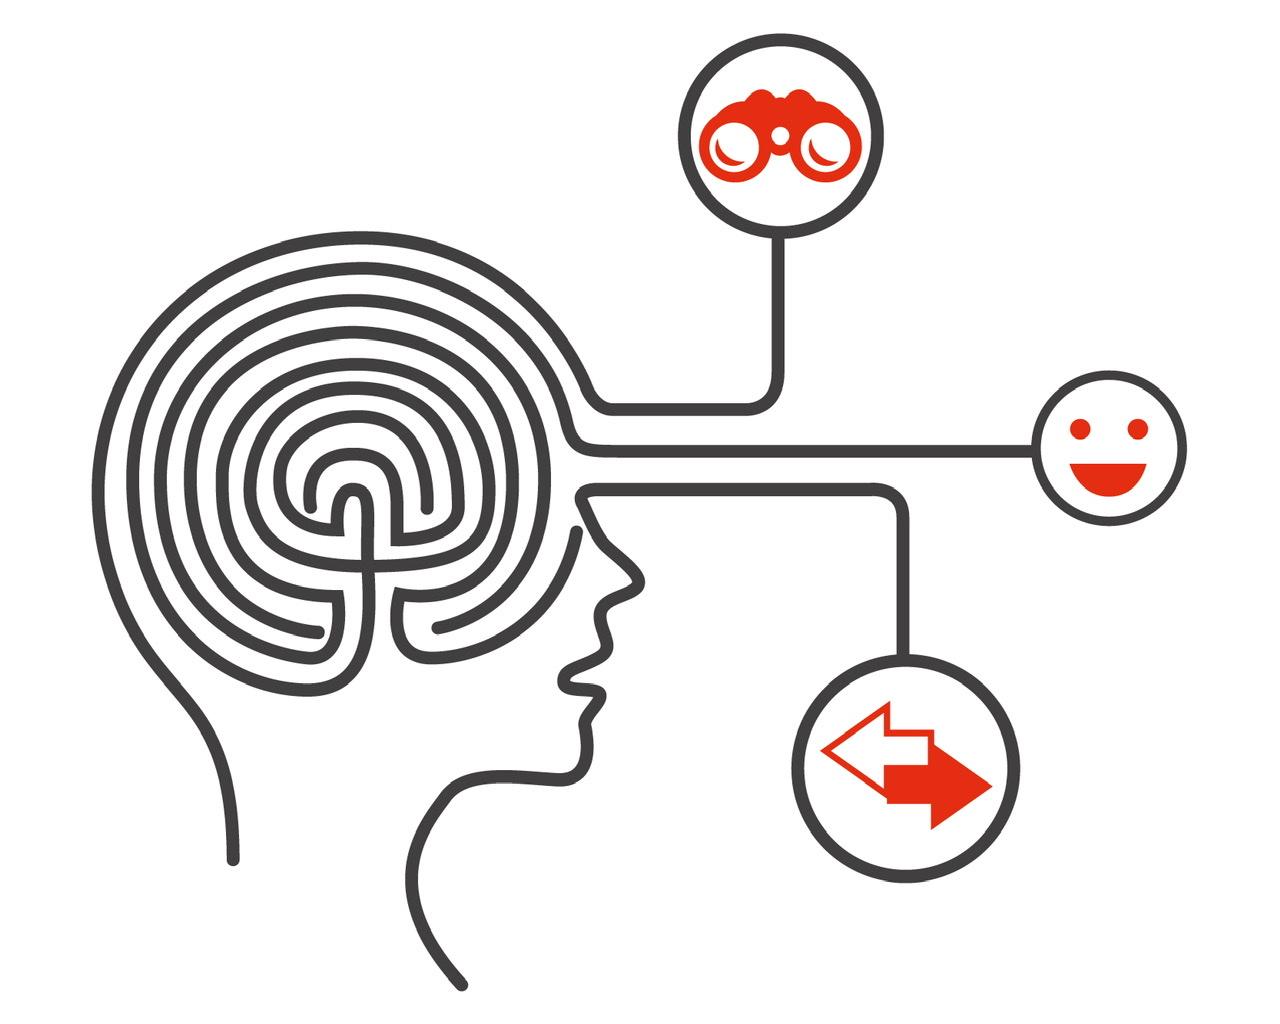 مغز نوین در تفکر طراحی کسب و کار